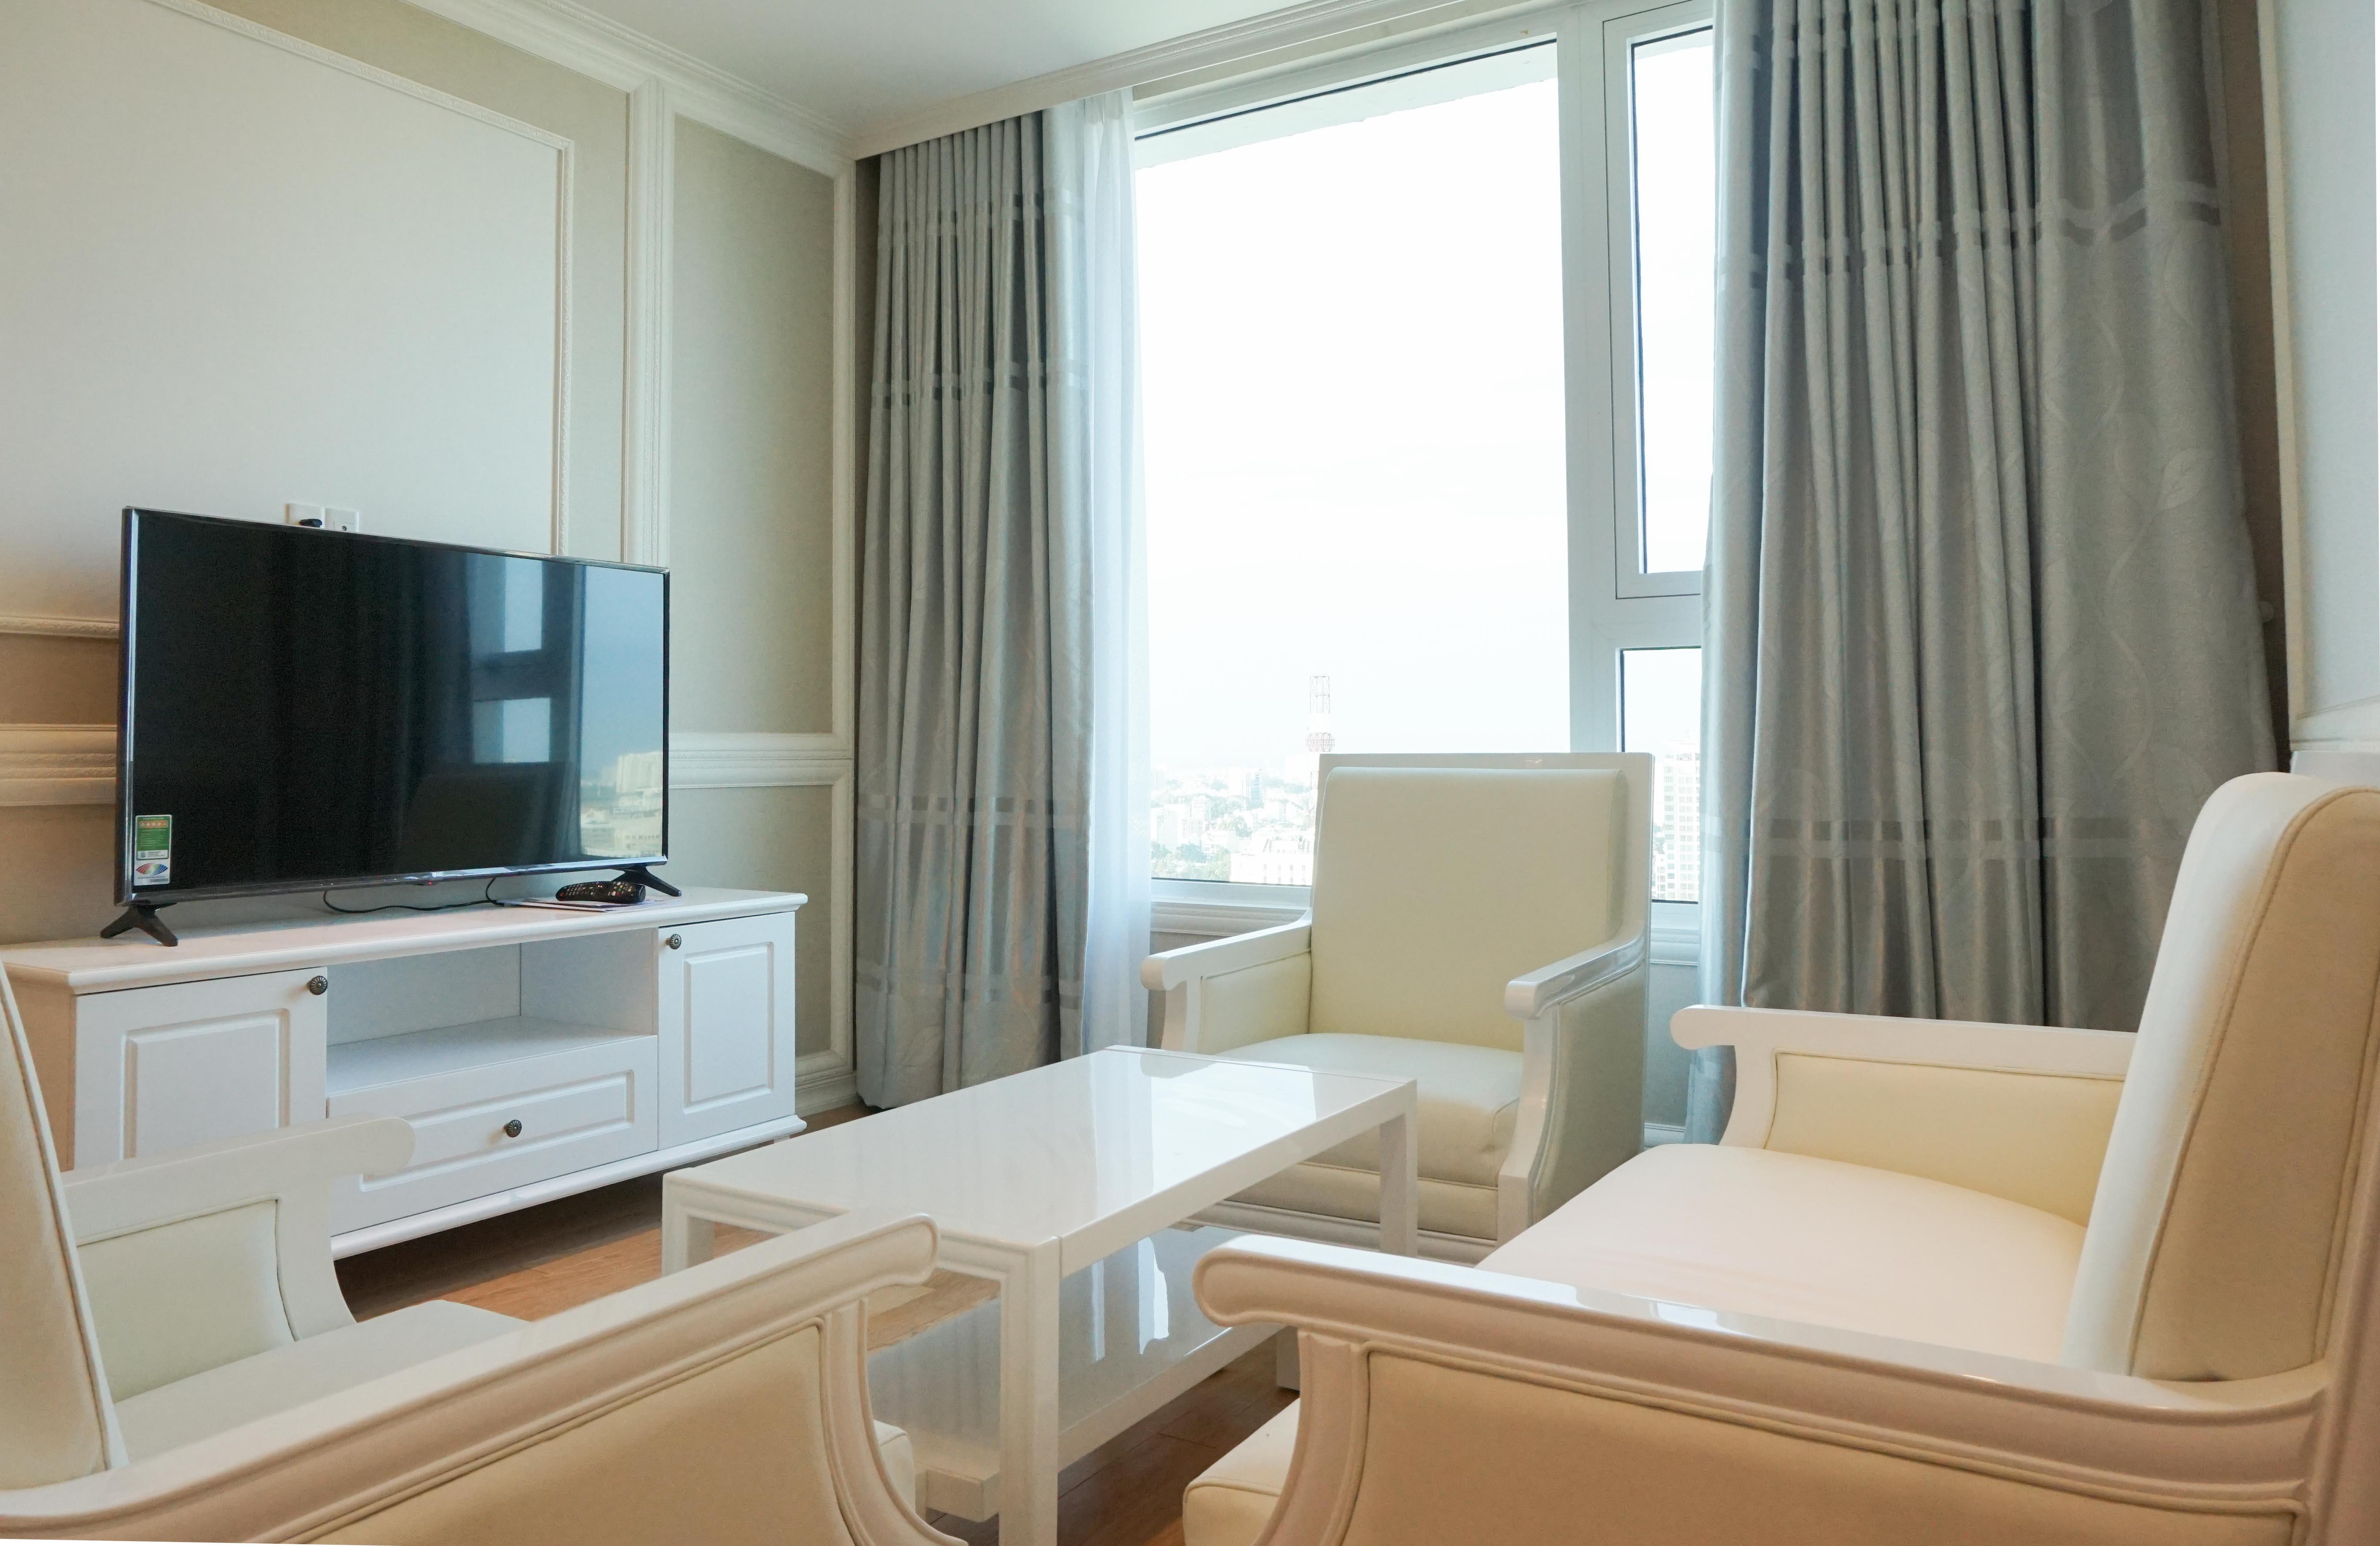 Căn hộ 2 PN Léman Luxury - Đầy Đủ Nội Thất - Căn Hộ Duyên Dáng Và Sang Trọng-12